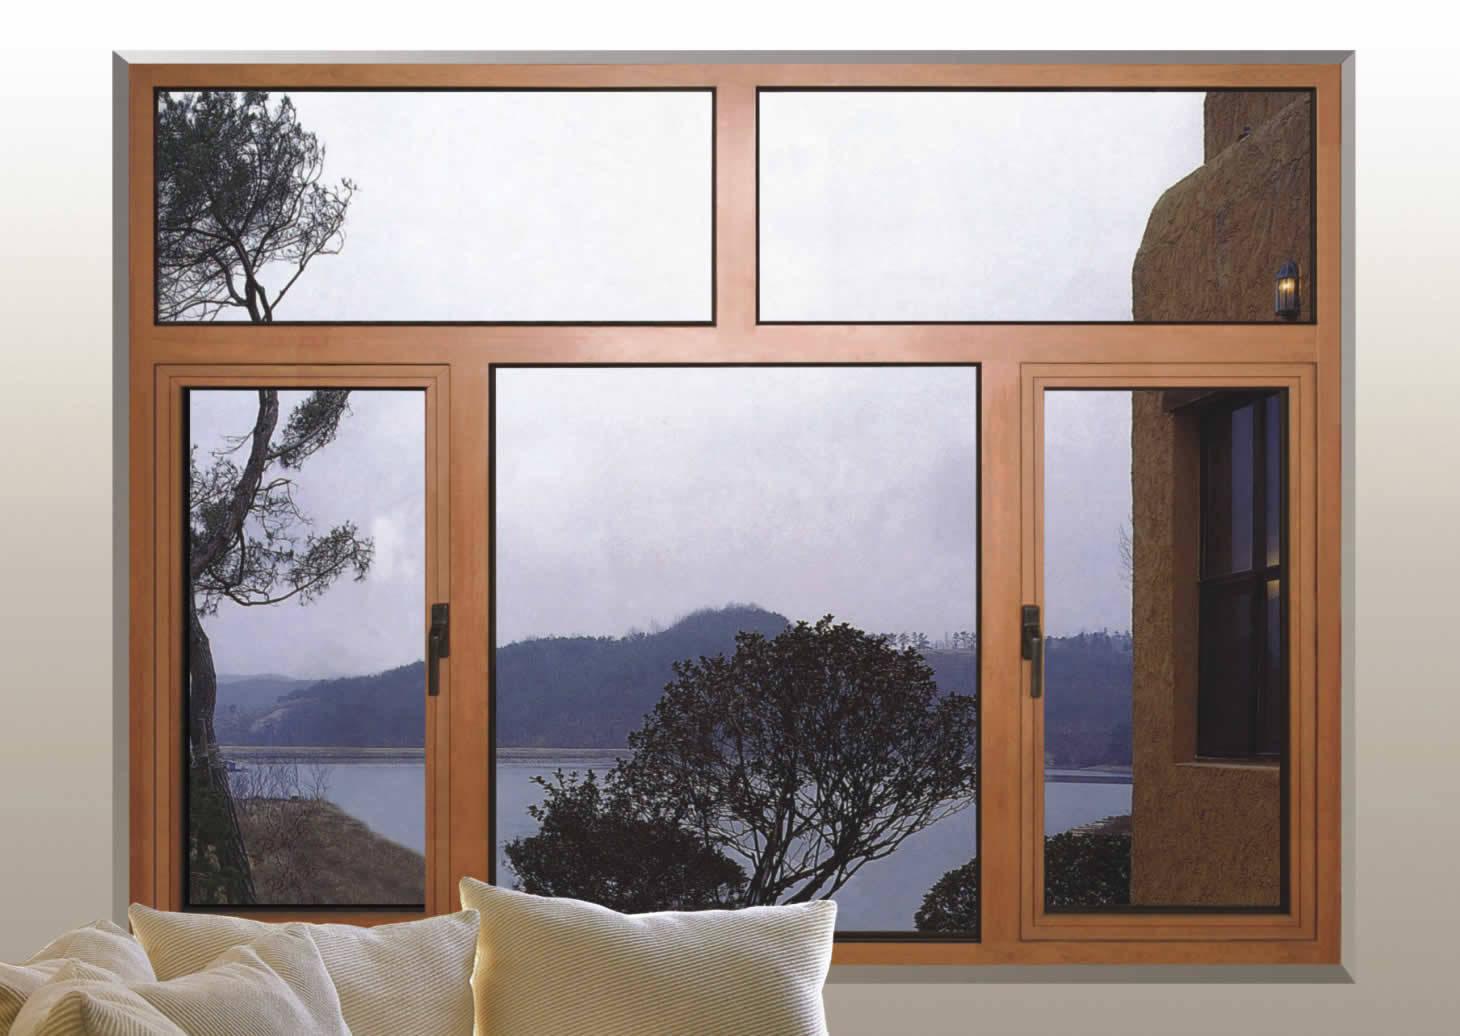 China New! Large Wholesale Aluminium Window Frames, Classic French ...